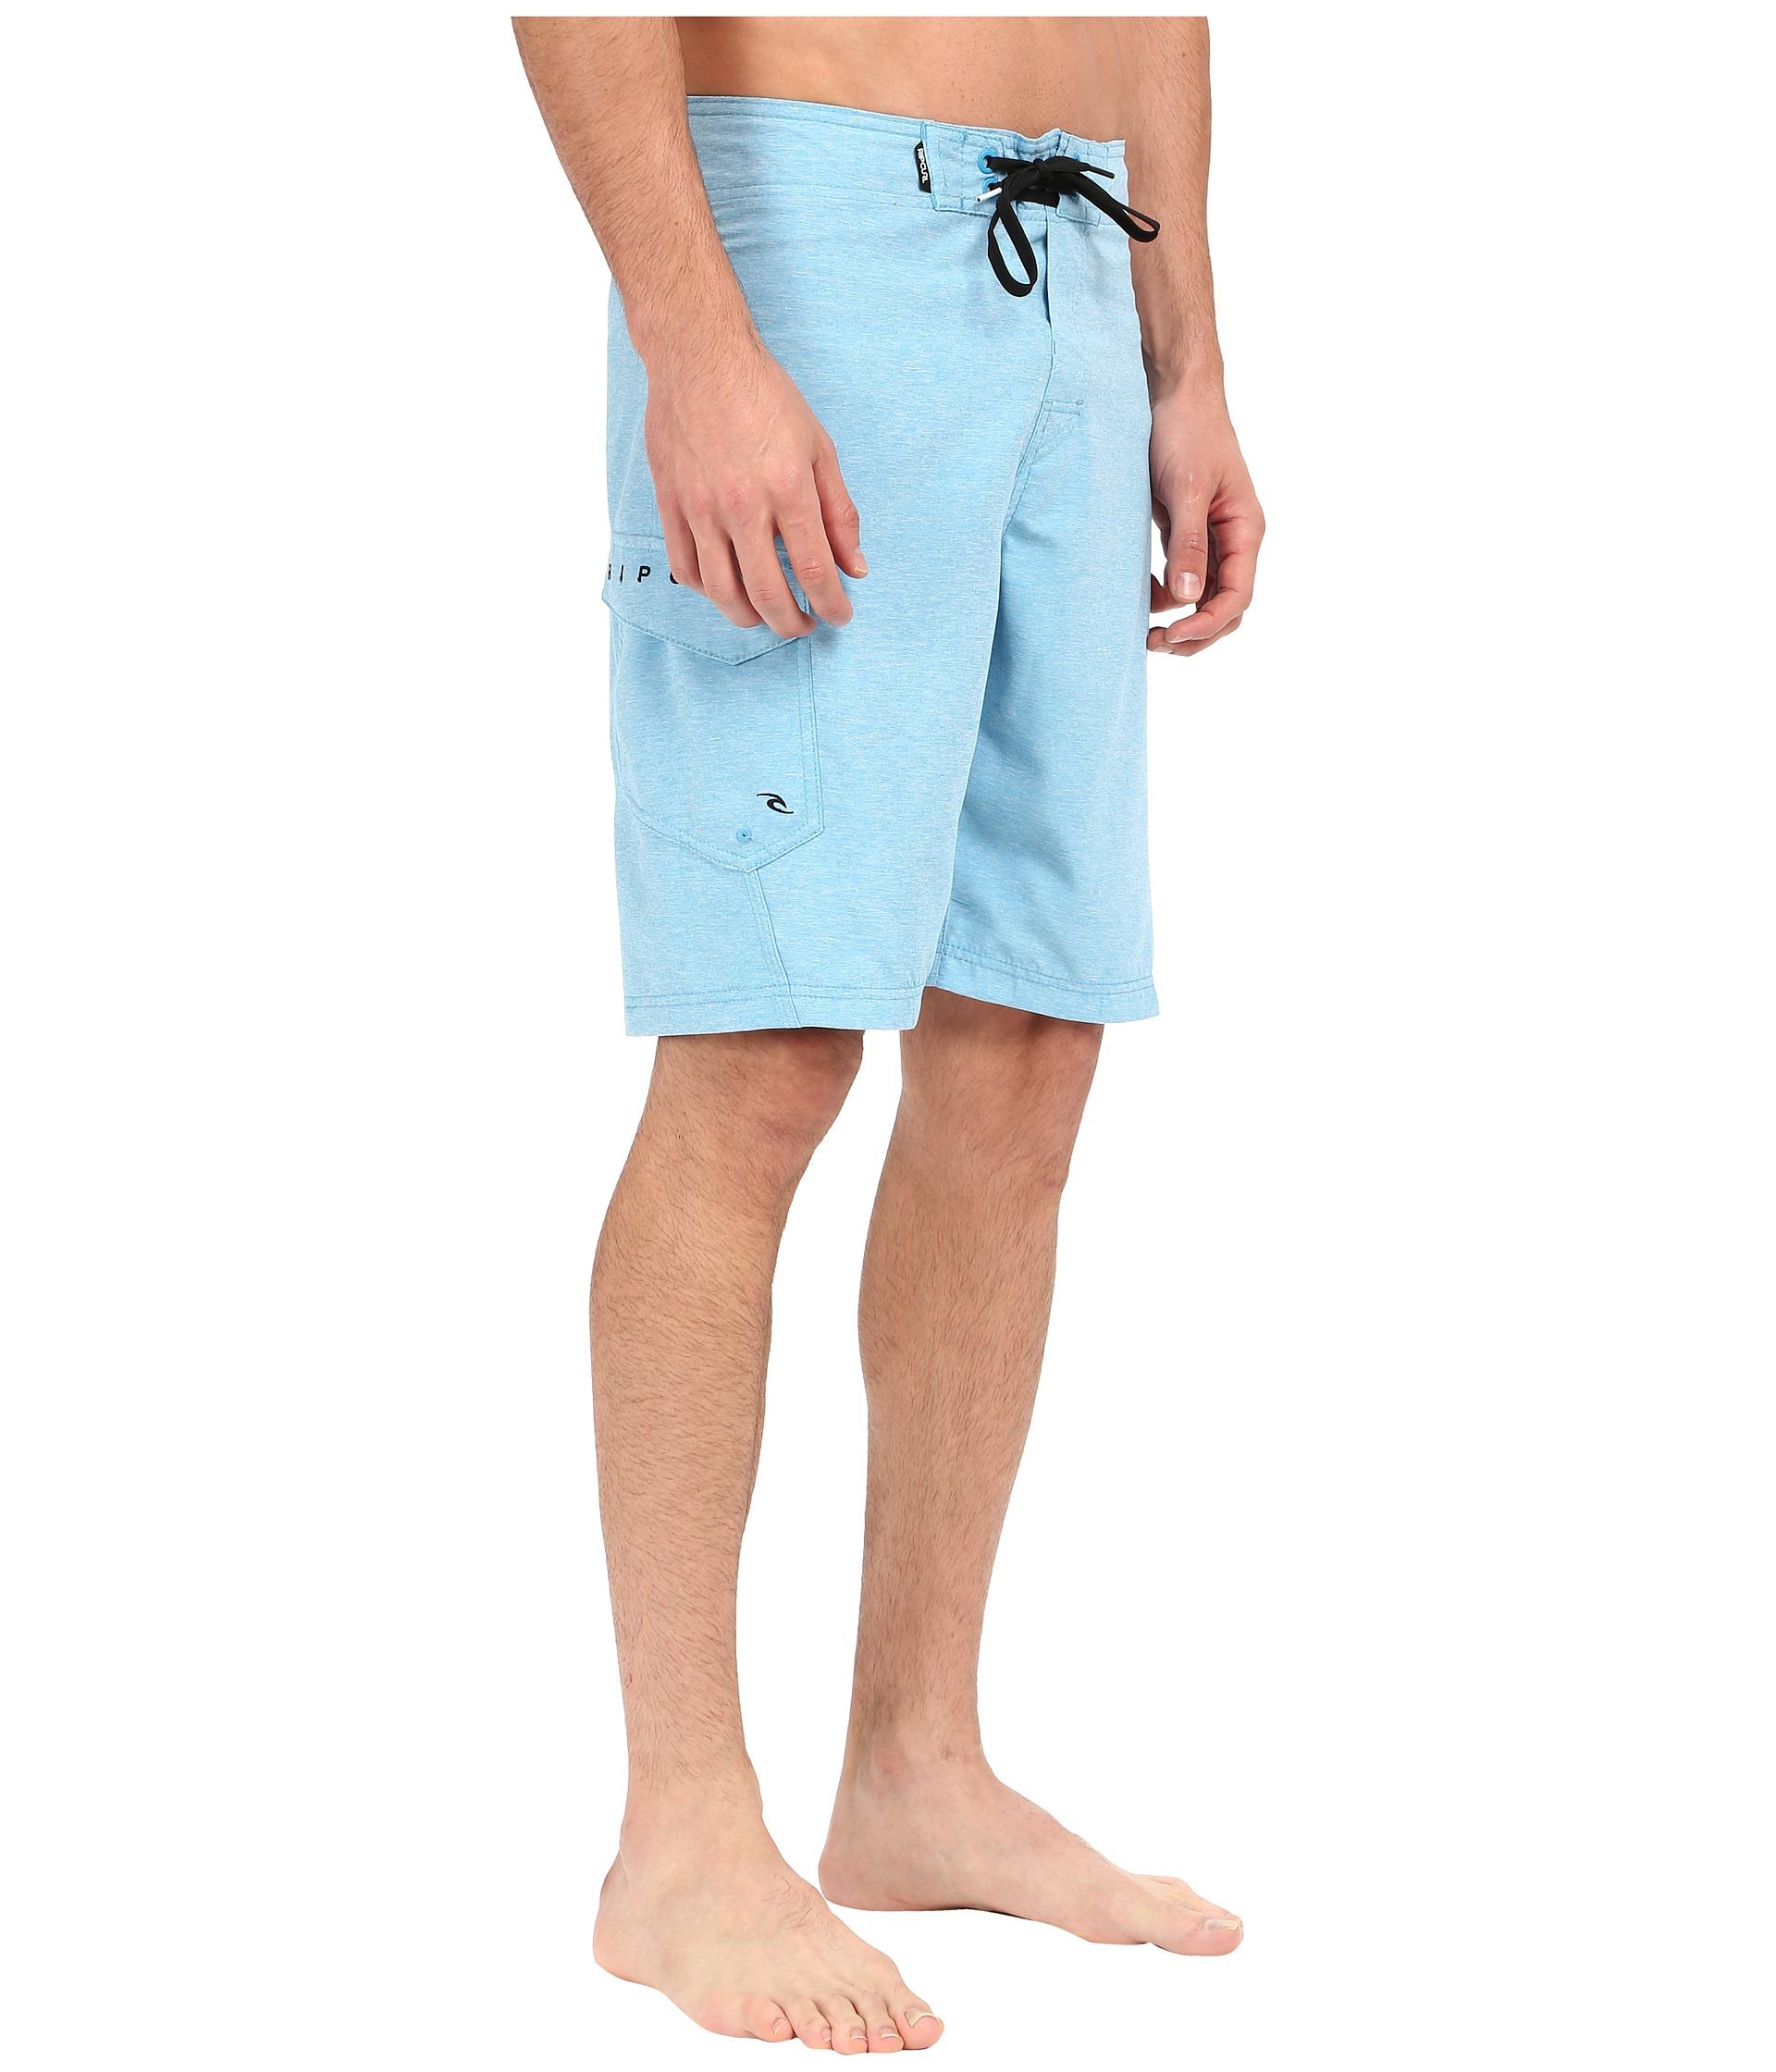 794f3e2583aef Rip Curl Dawn Patrol Boardshorts in Blue for Men - Lyst